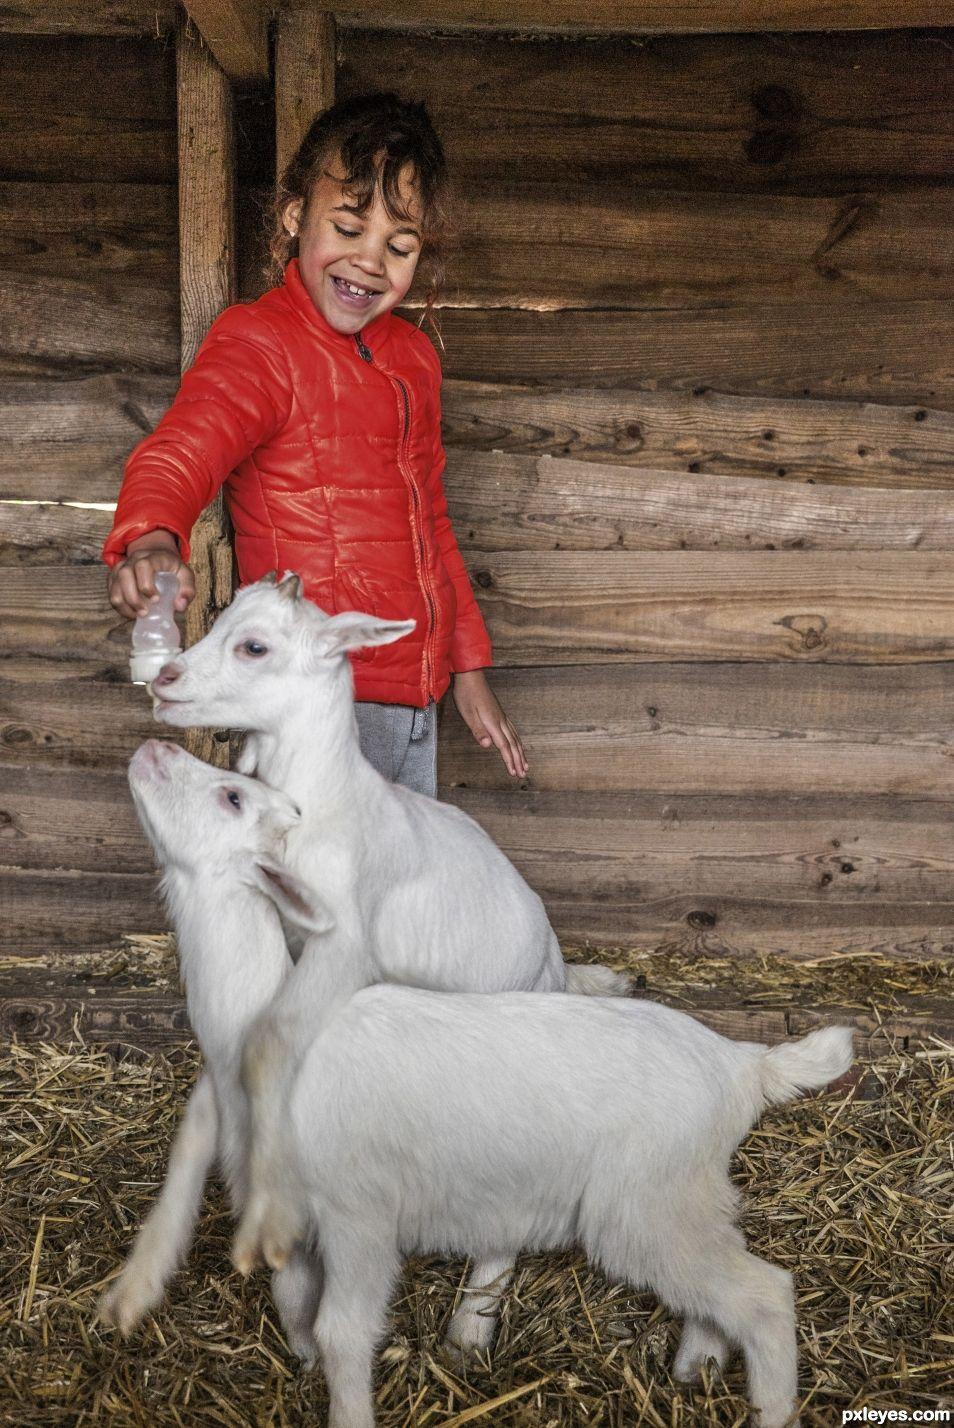 Red coat vs white goat